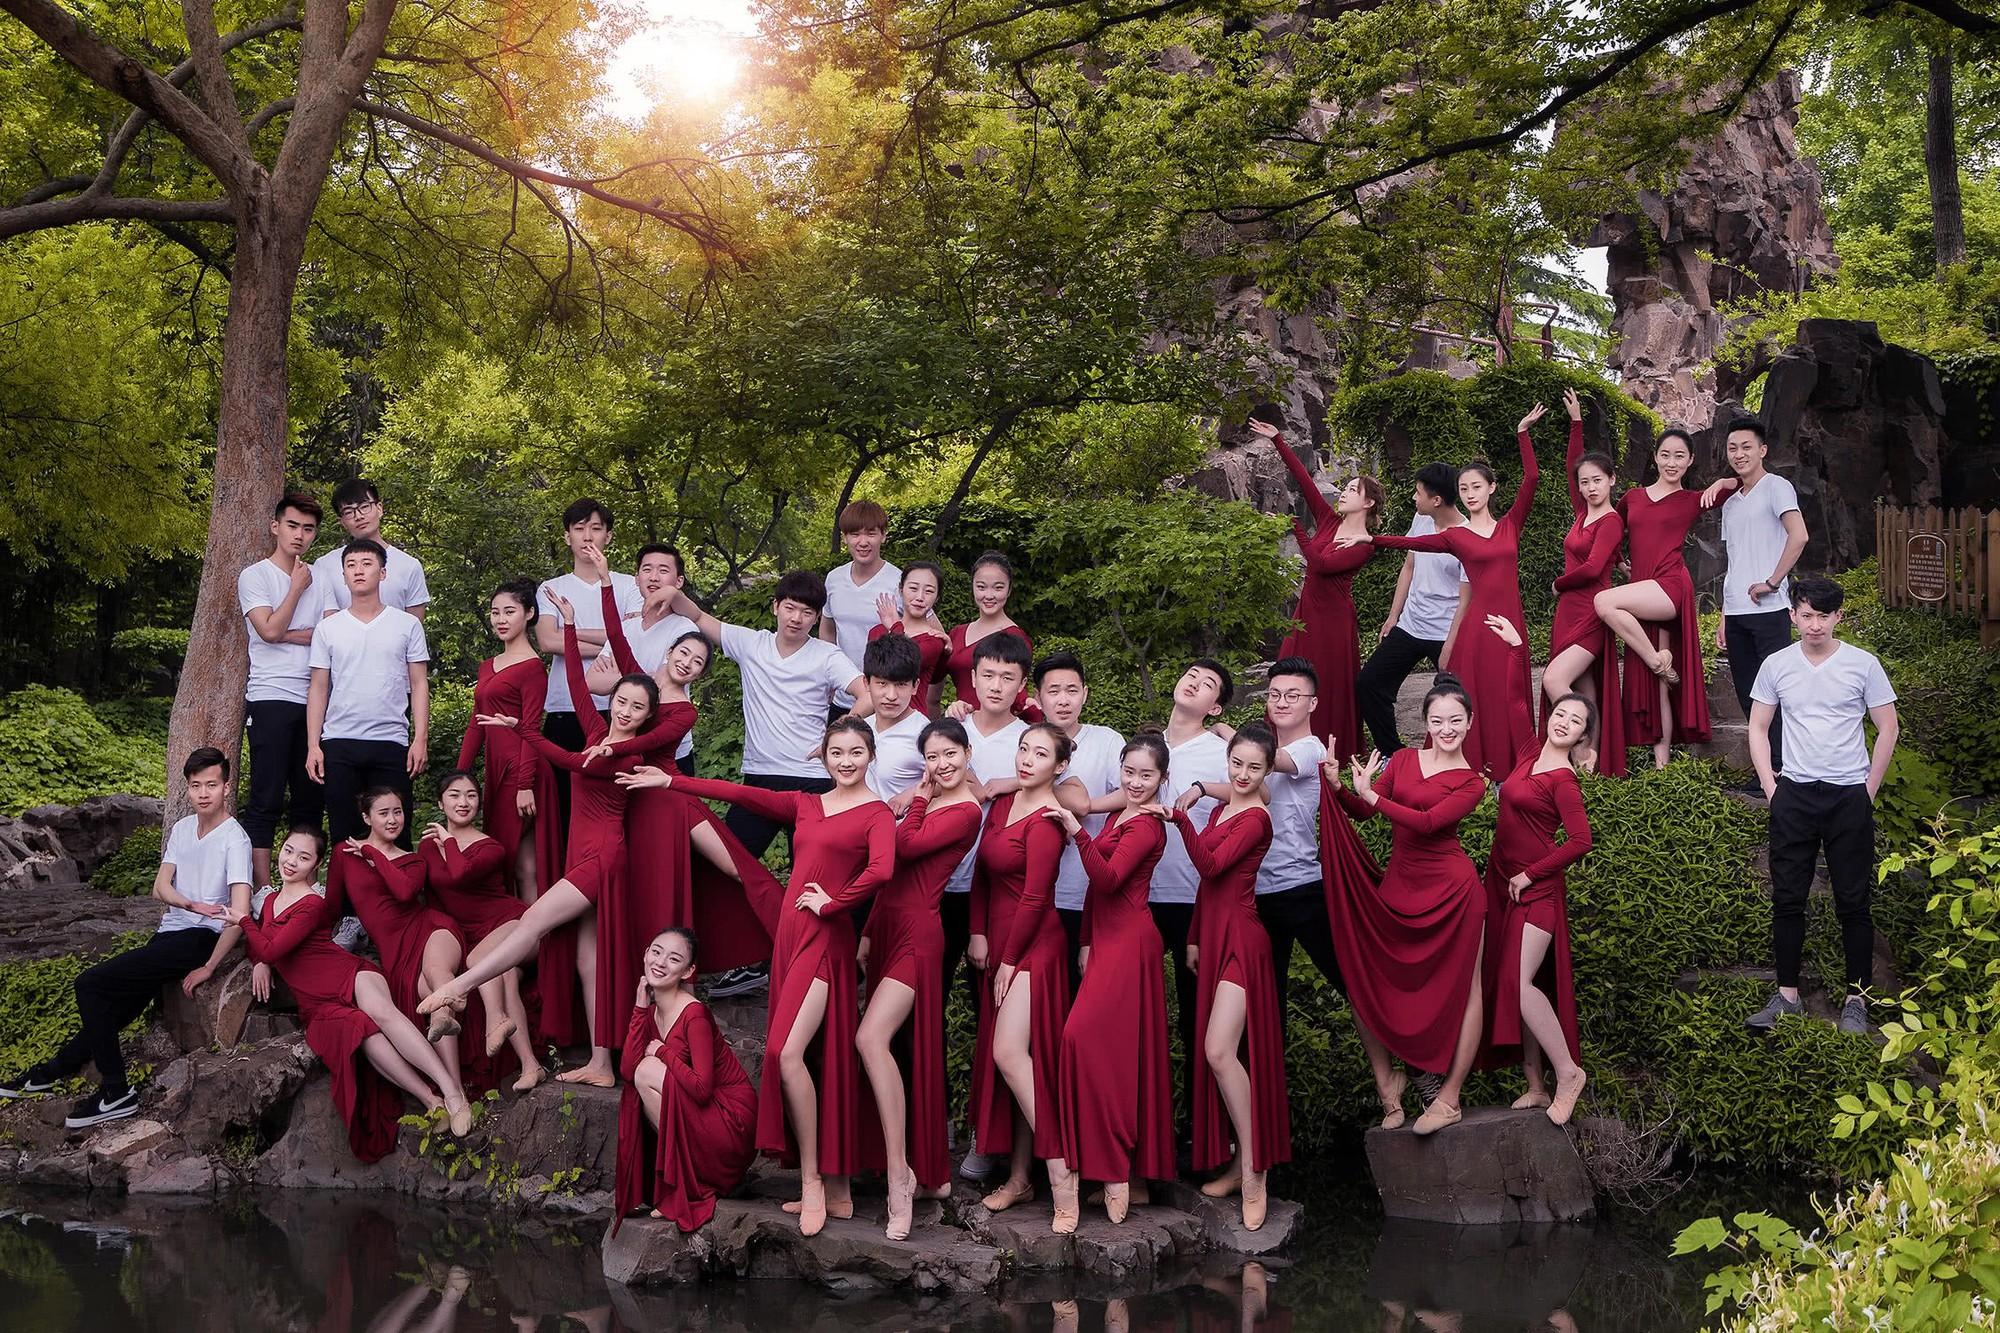 Kỷ yếu của học sinh Trung Quốc: Lầy lội nhưng sáng tạo và chất không kém Việt Nam - Ảnh 13.